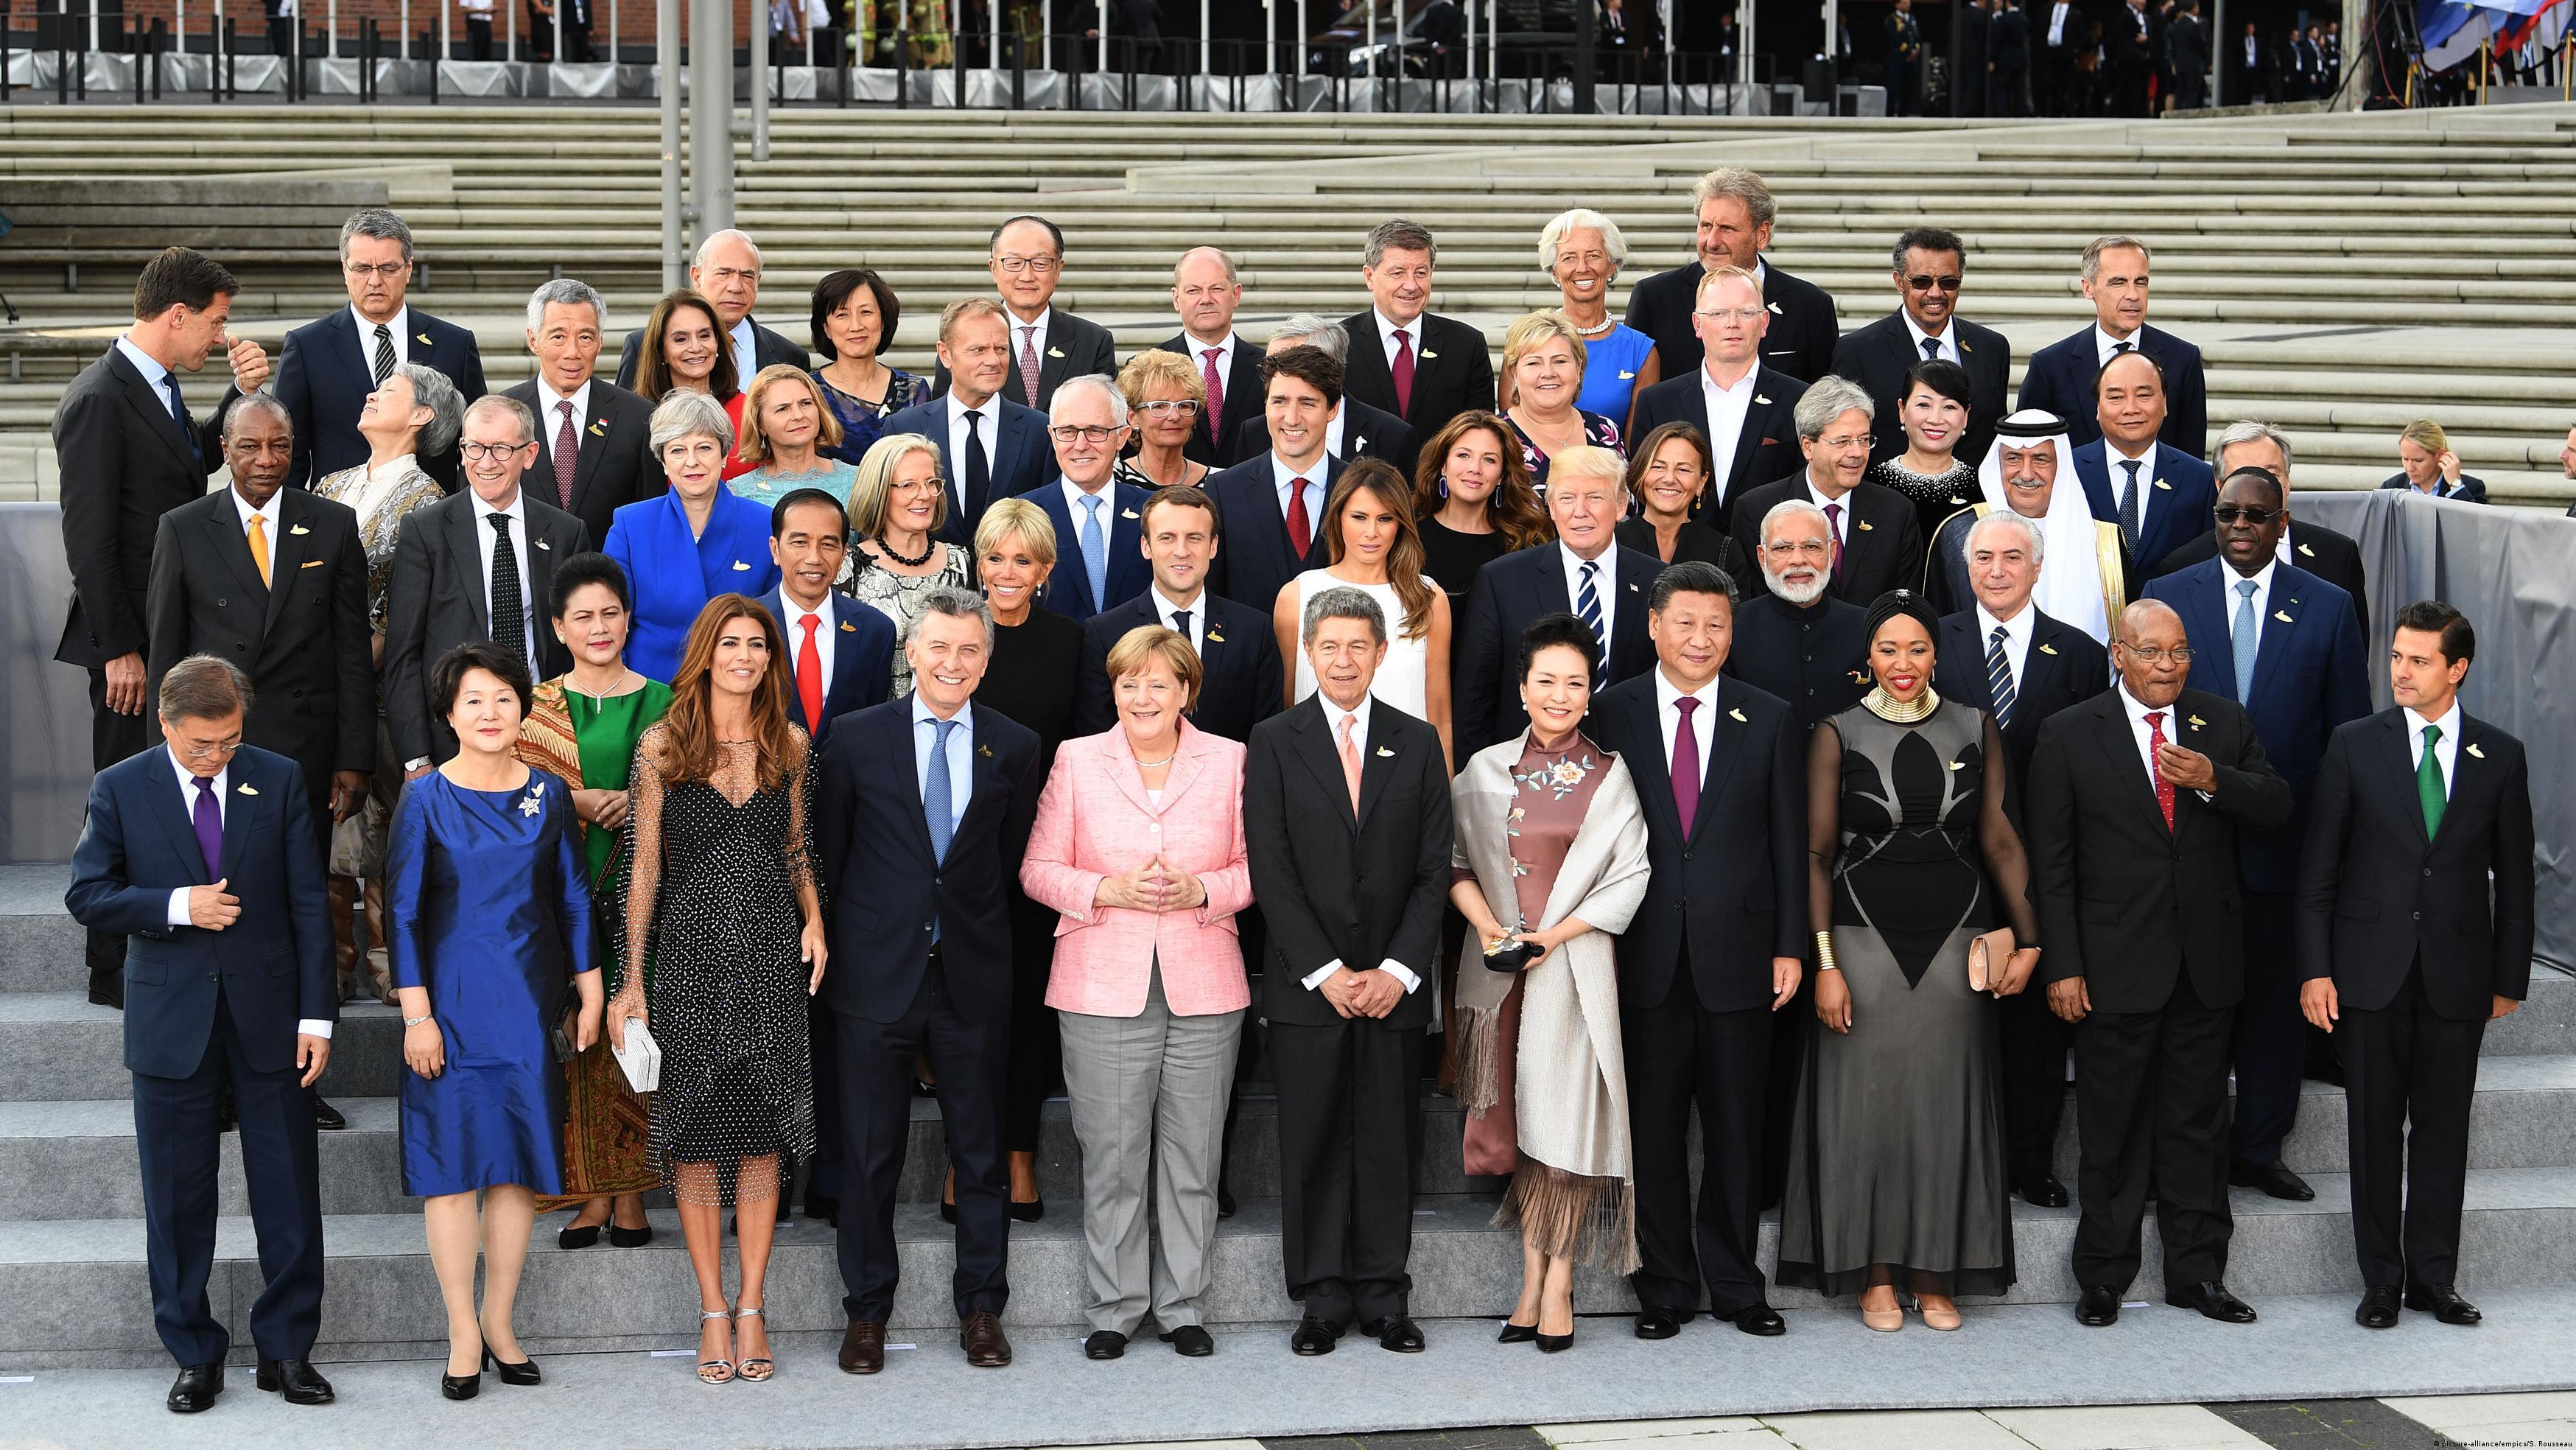 Geschiedenis De G20 werd voor het eerst besproken op de topconferentie van de G7 in Keulen in juni 1999 en formeel opgericht op de bijeenkomst van de G7 op 26